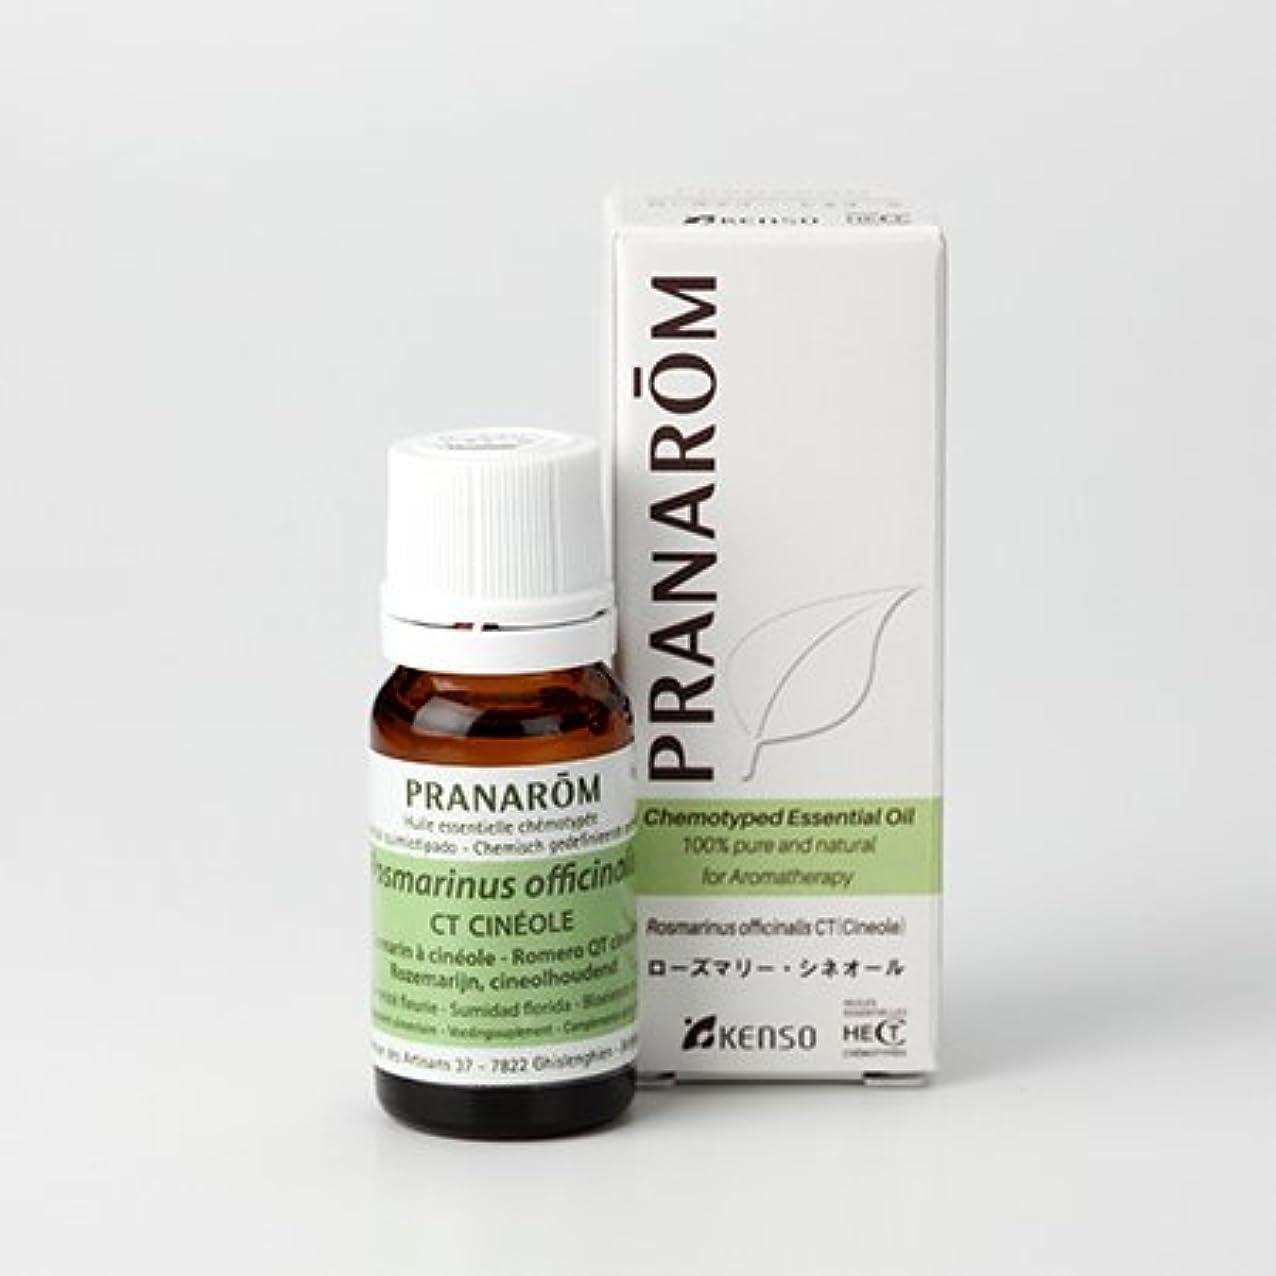 予算以下アクセサリープラナロム ( PRANAROM ) 精油 ローズマリー?シネオール 10ml p-160 ローズマリーシネオール